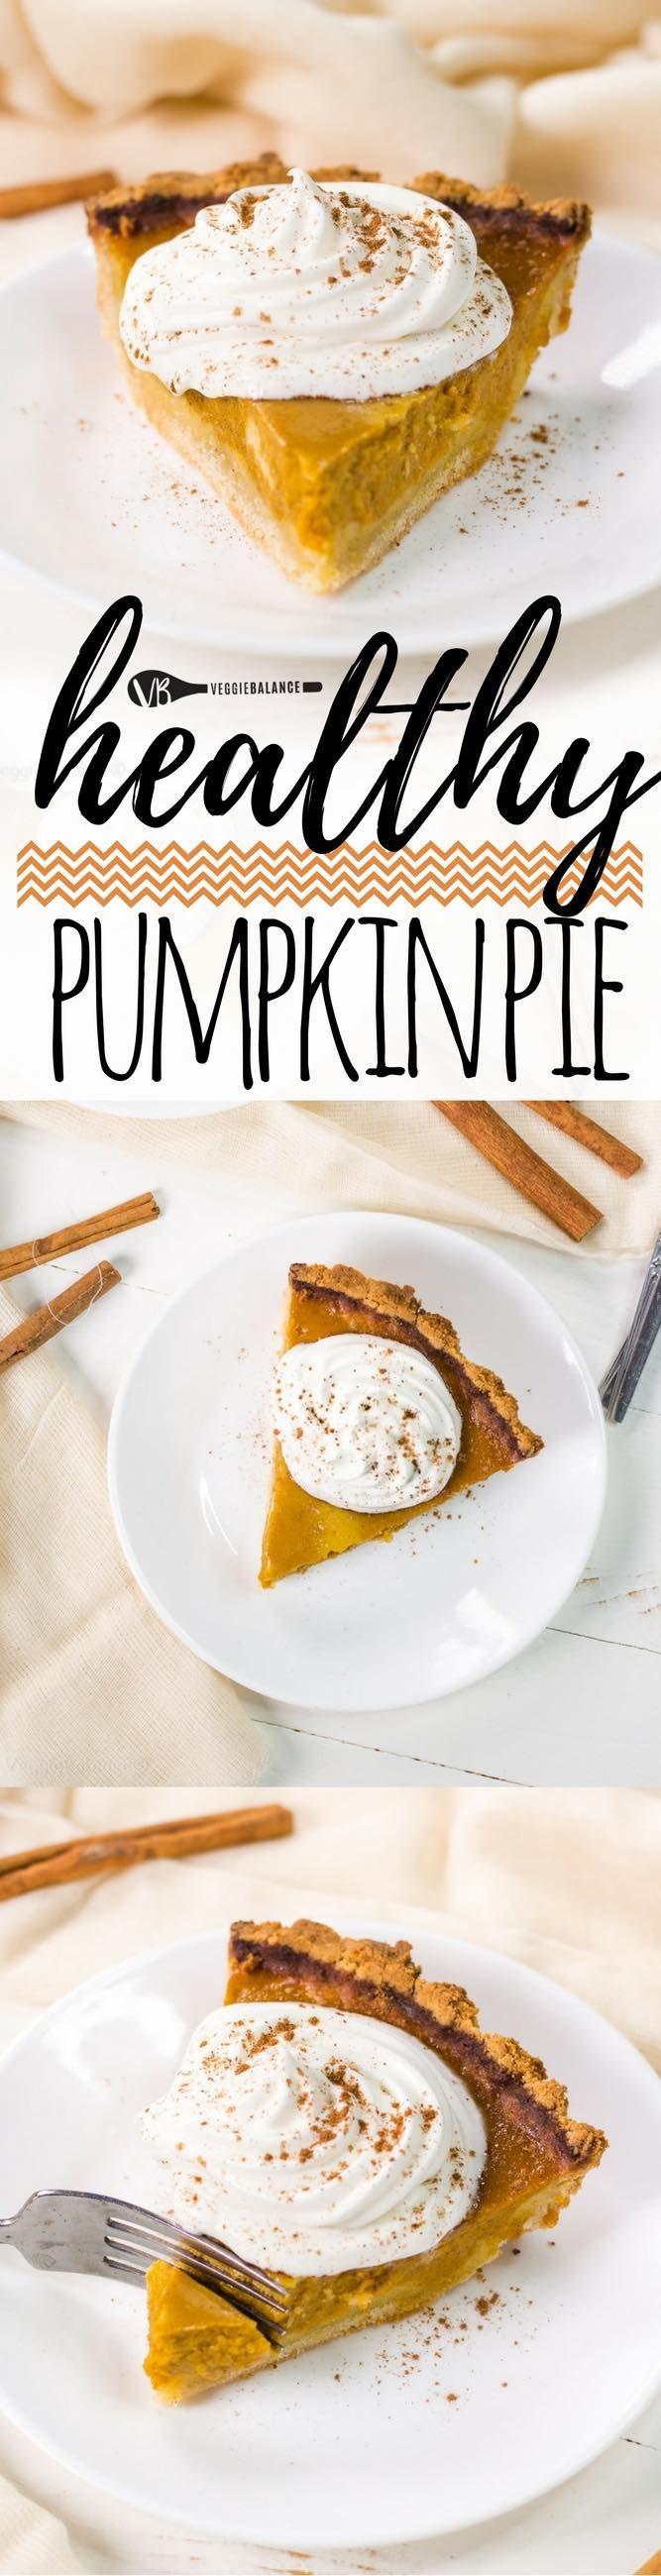 Gluten-Free Pumpkin Pie - Veggie Balance